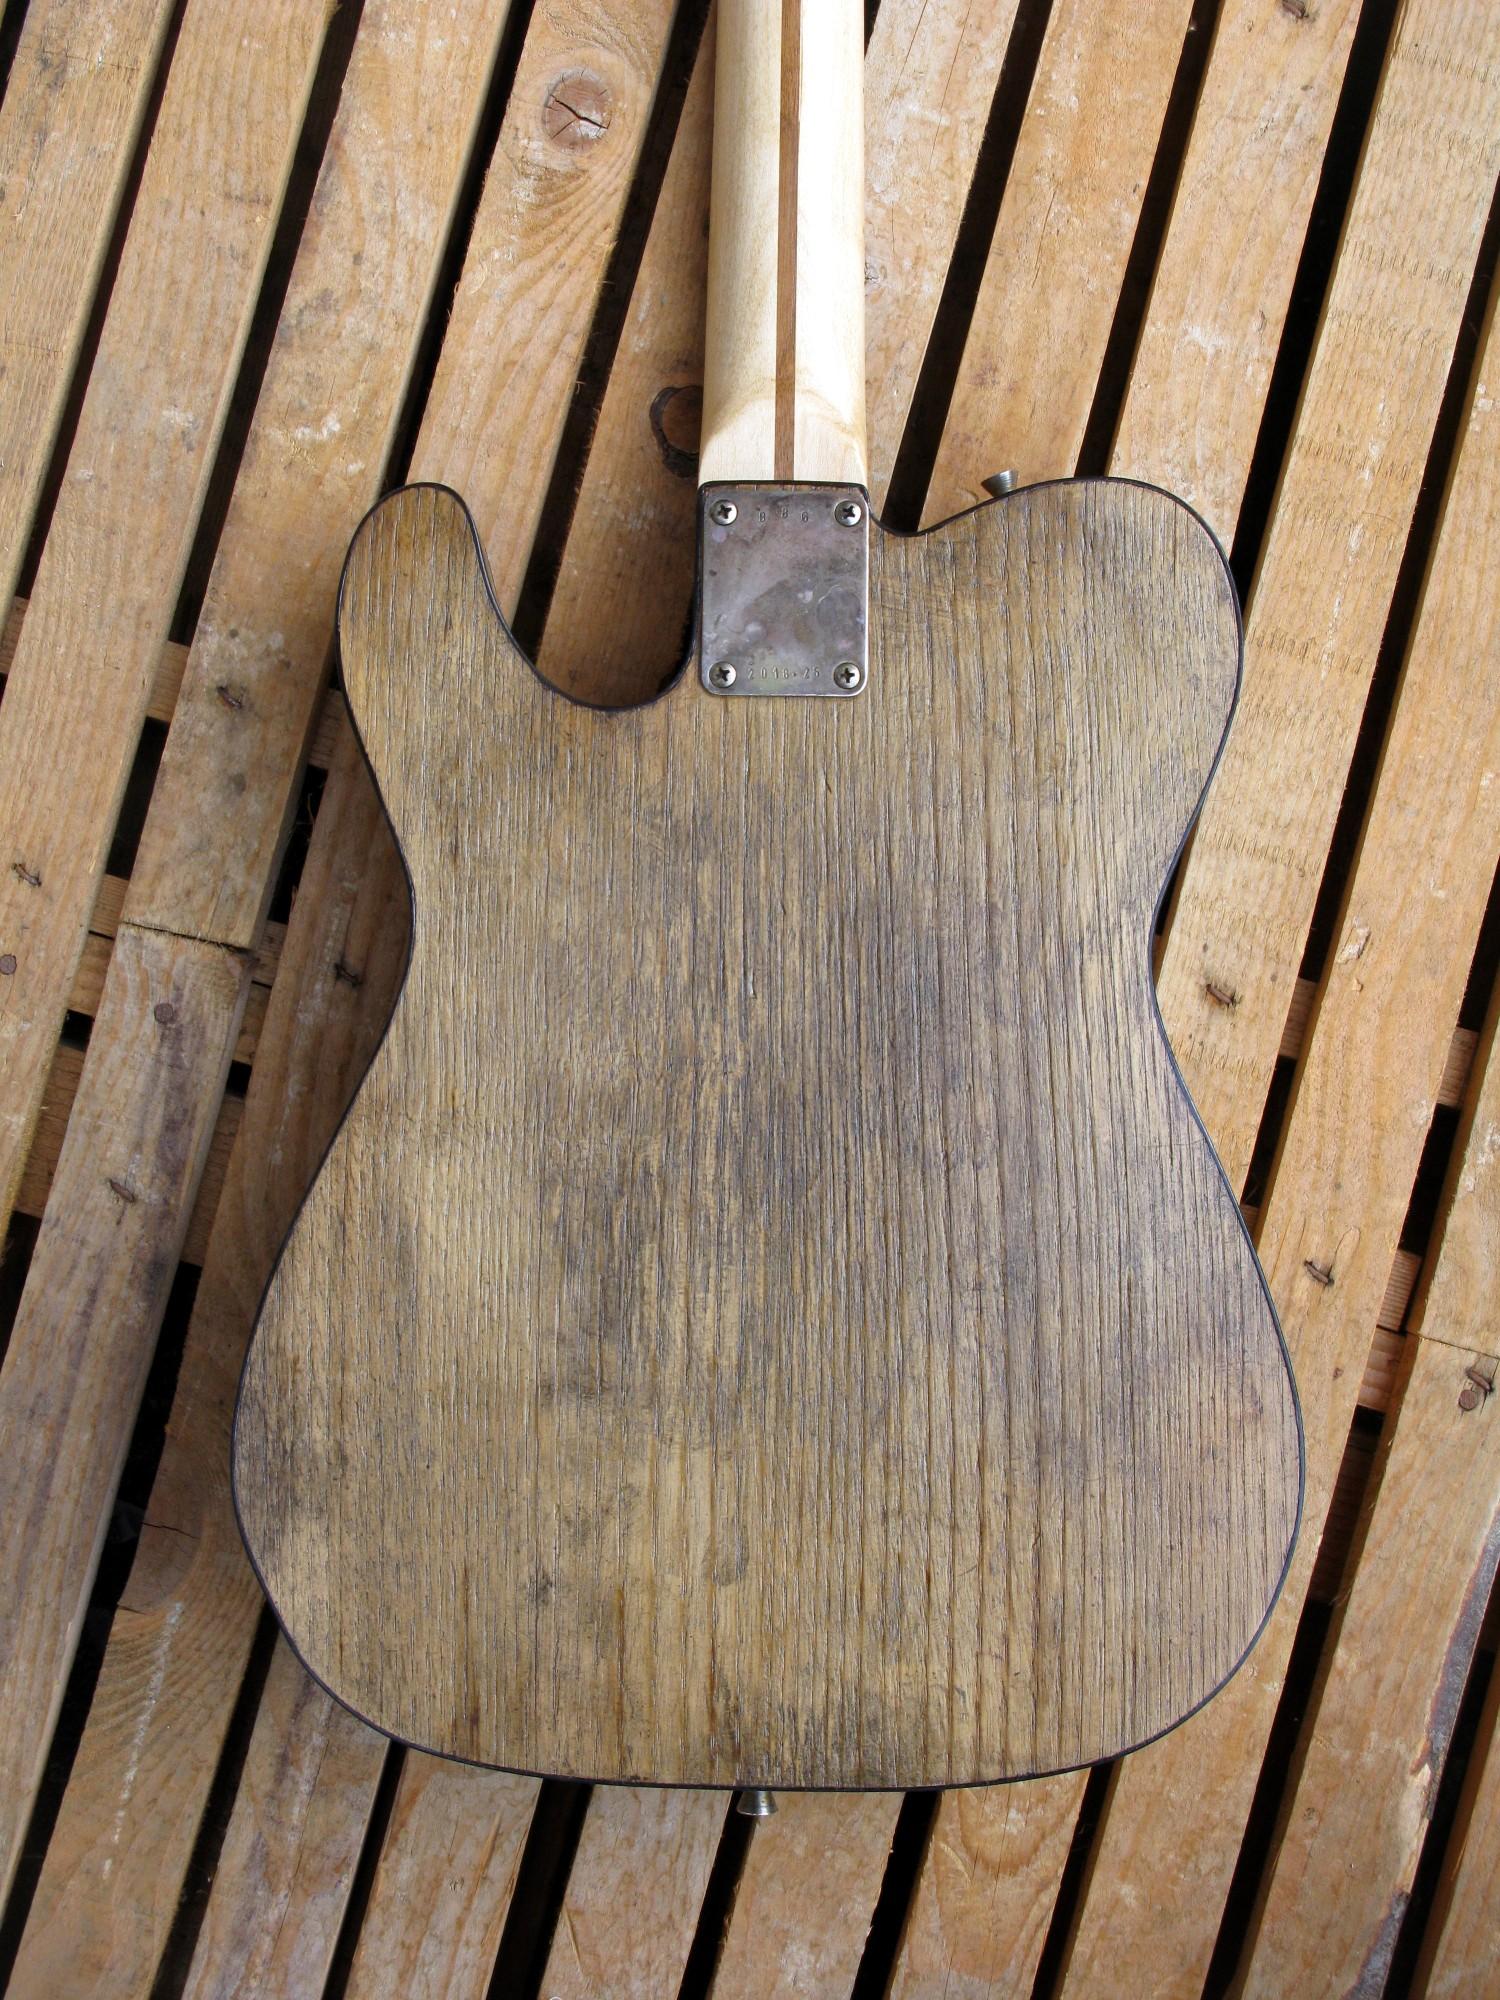 Retro di una chitarra Telecaster dal body in castagno